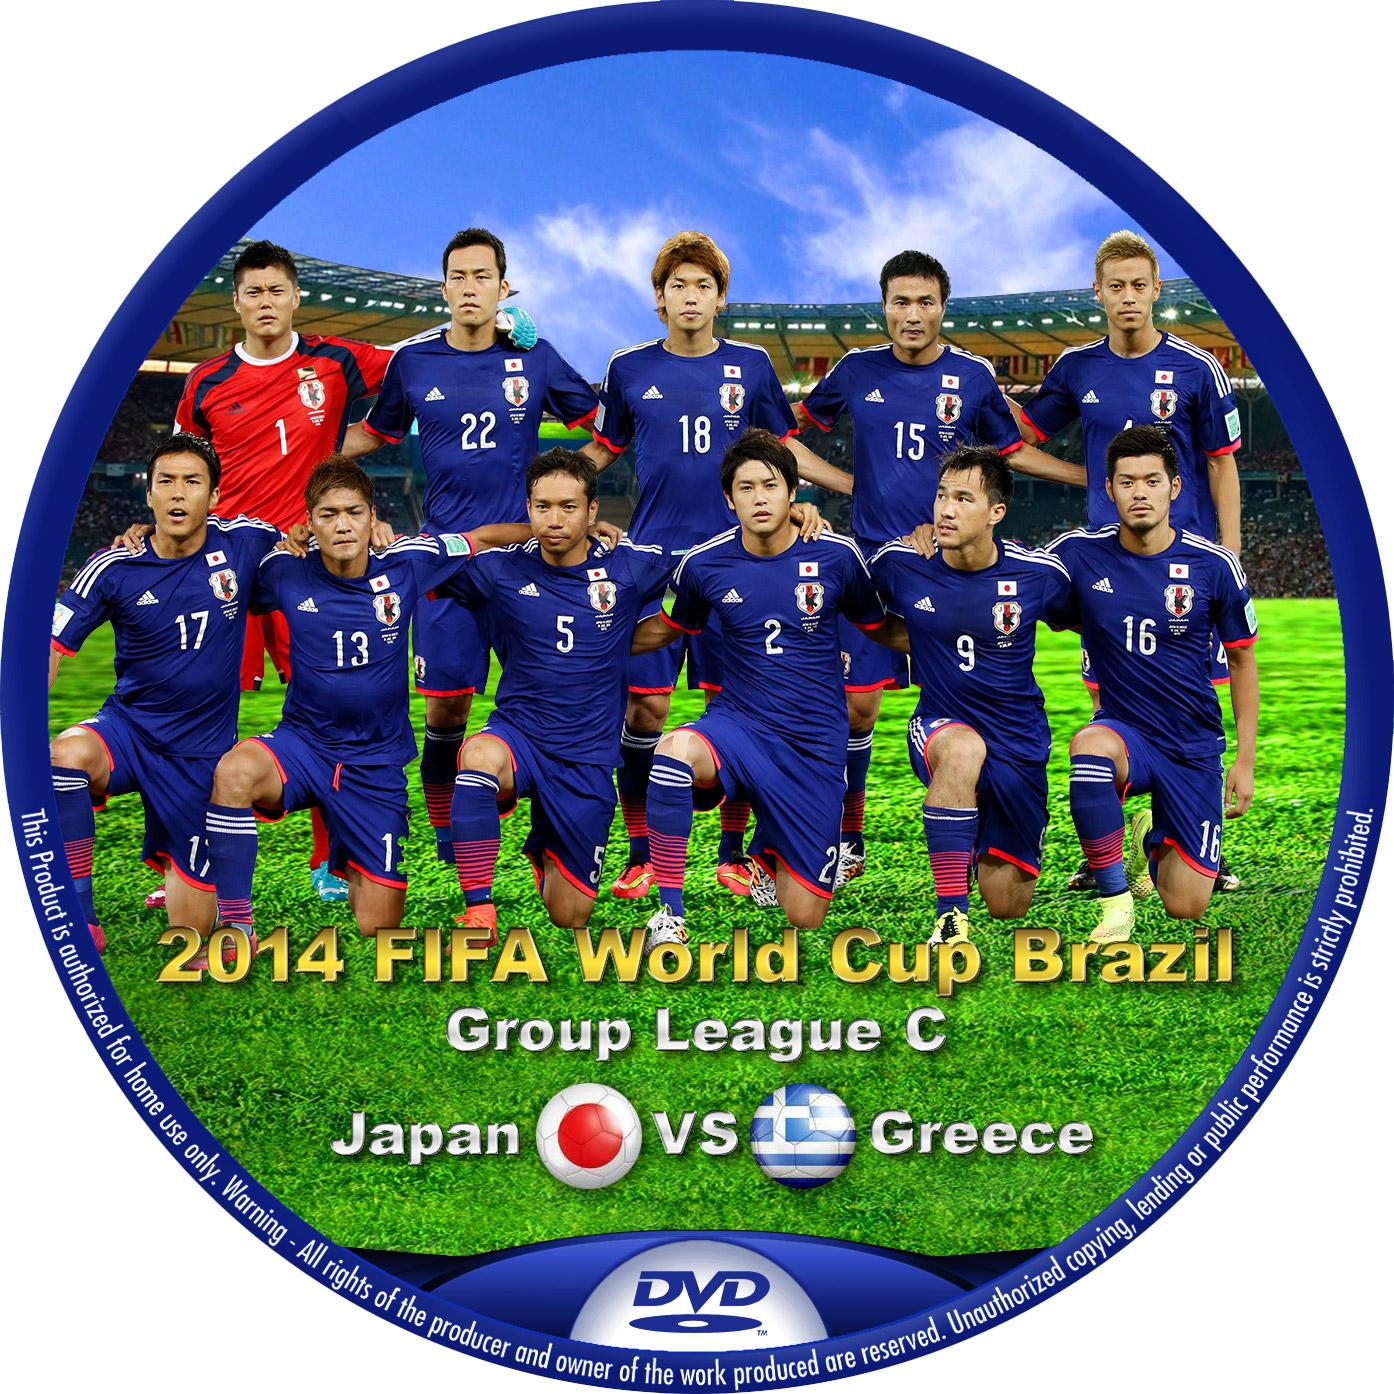 W杯 2014 ブラジル 日本代表 ギリシャ DVDラベル